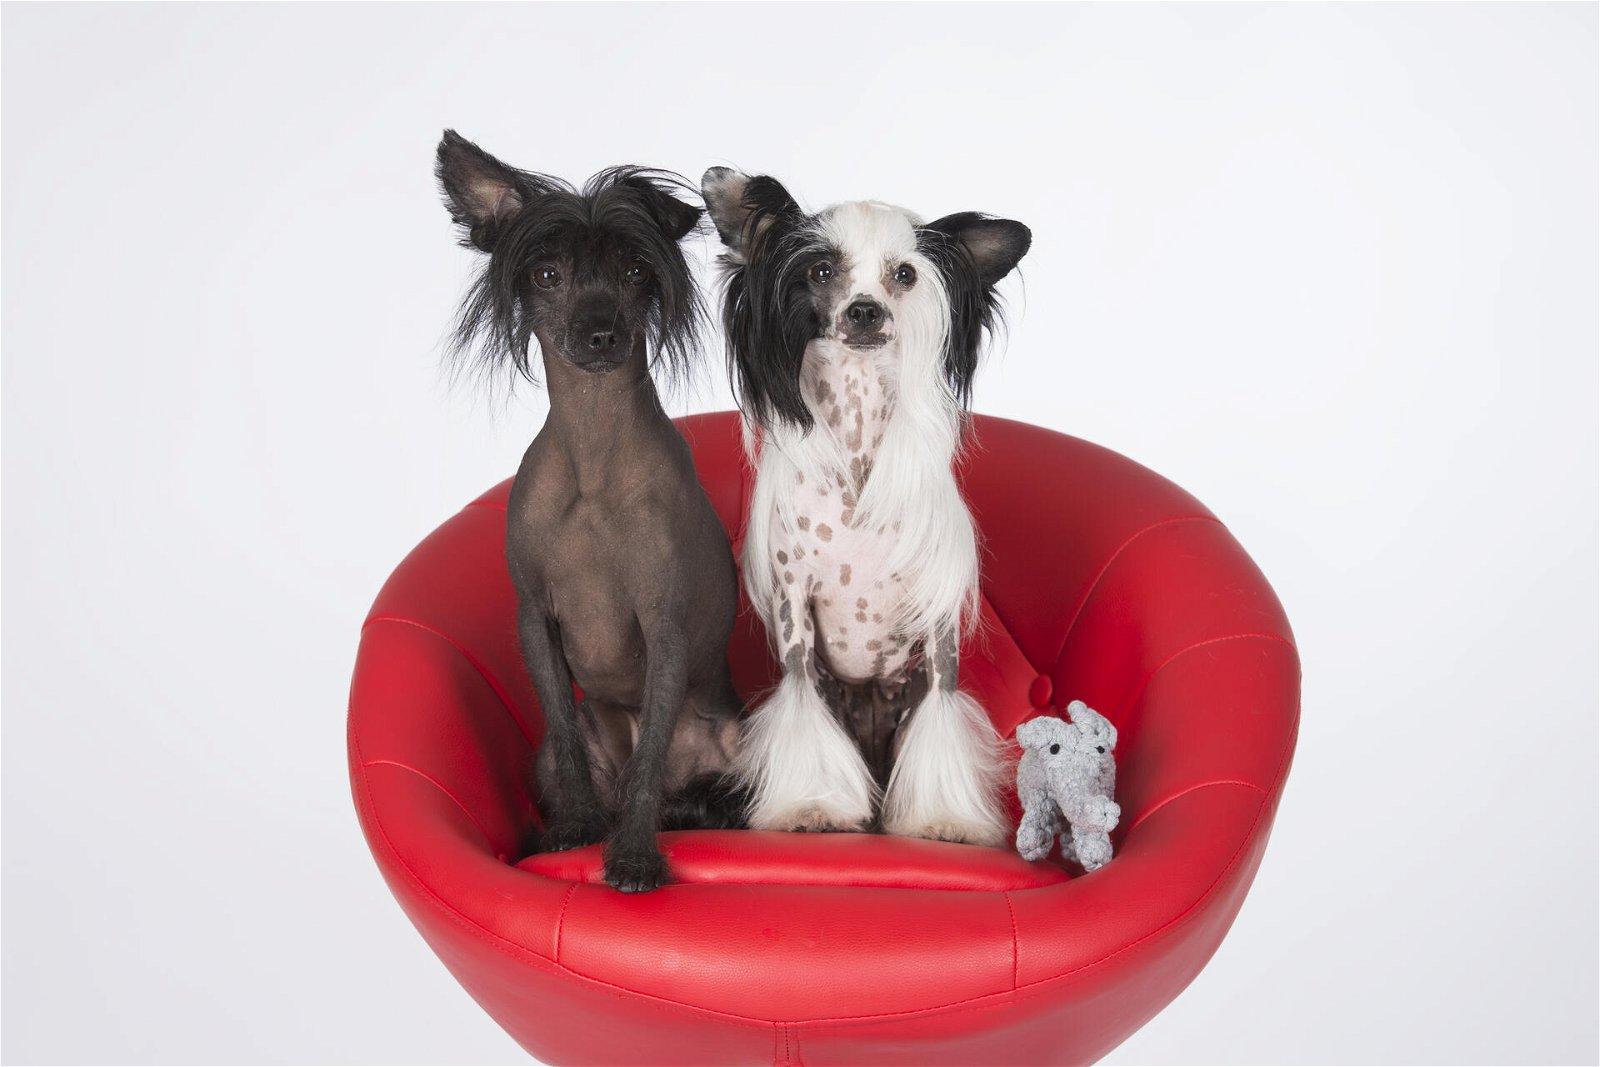 Hundespielzeug Elton Elefant Jr. aus Baumwolltau - Grau, zahnpflegend und robust, (B/H/T) 22x7x9 cm